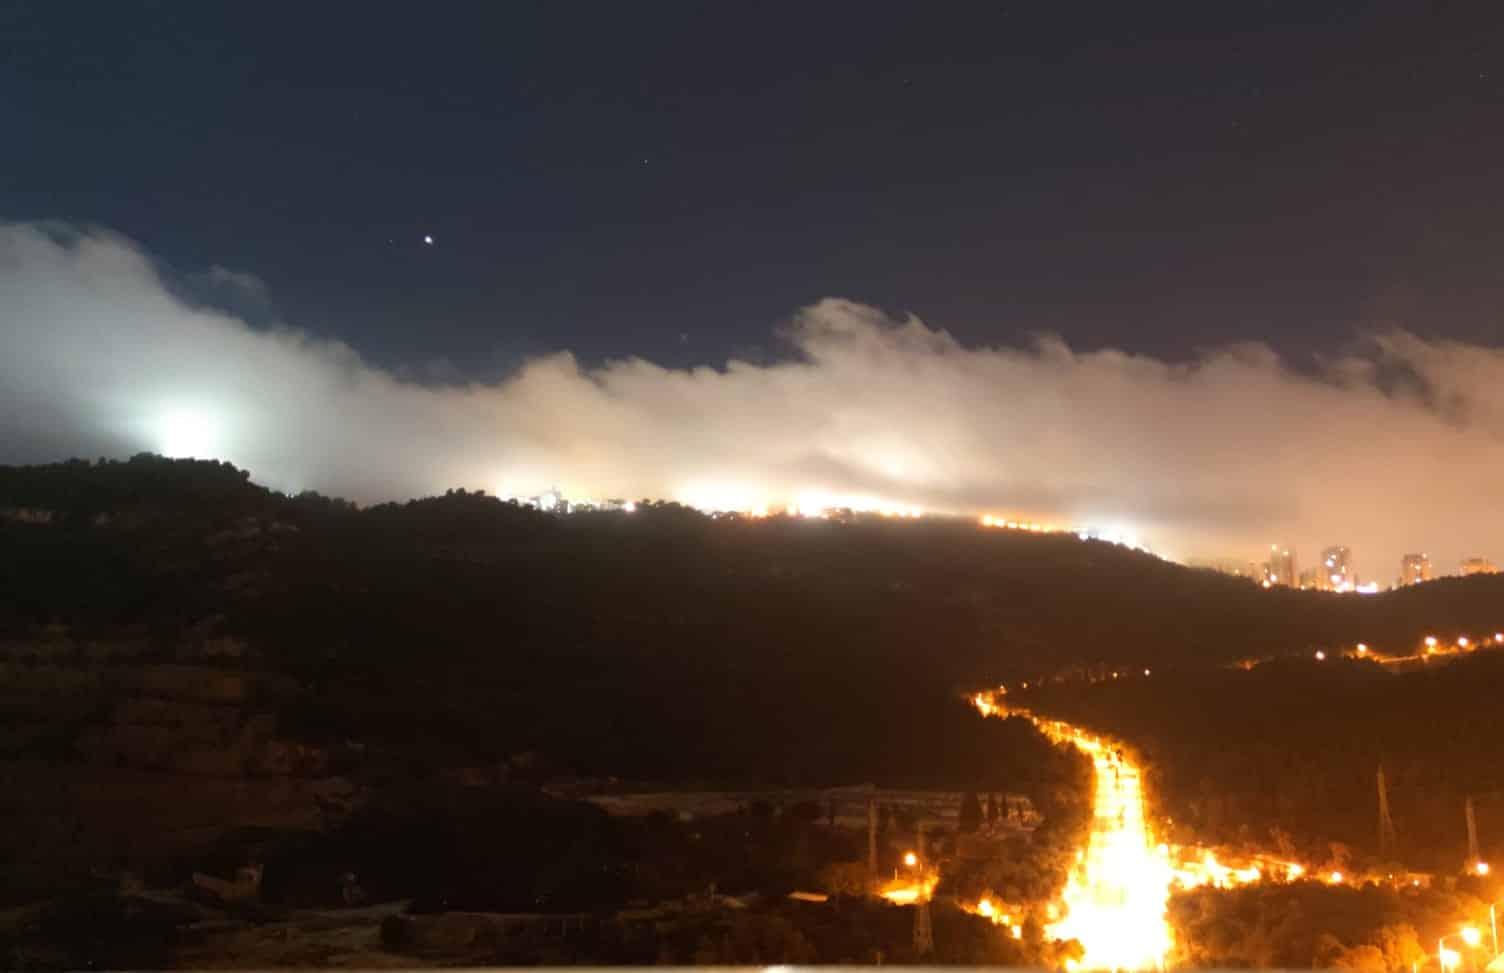 ערפל על רכס הכרמל, צילום: חדשות NWS